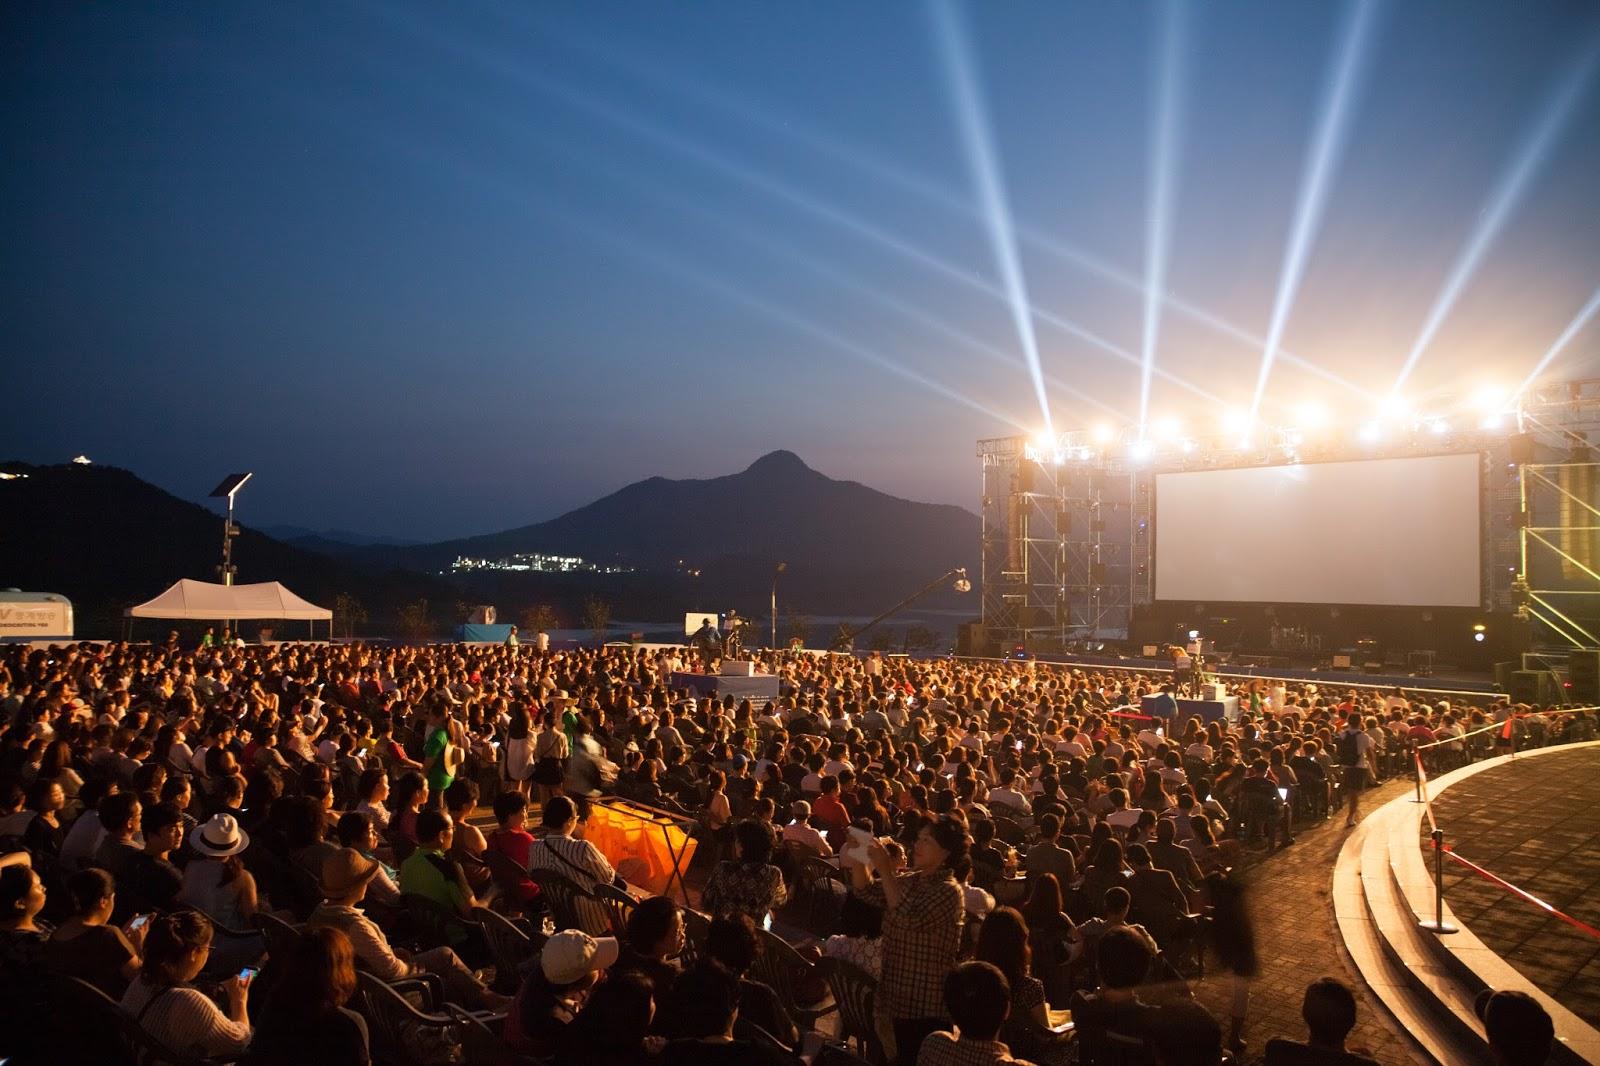 Hasil gambar untuk Festival Film & Musik Internasional Jecheon